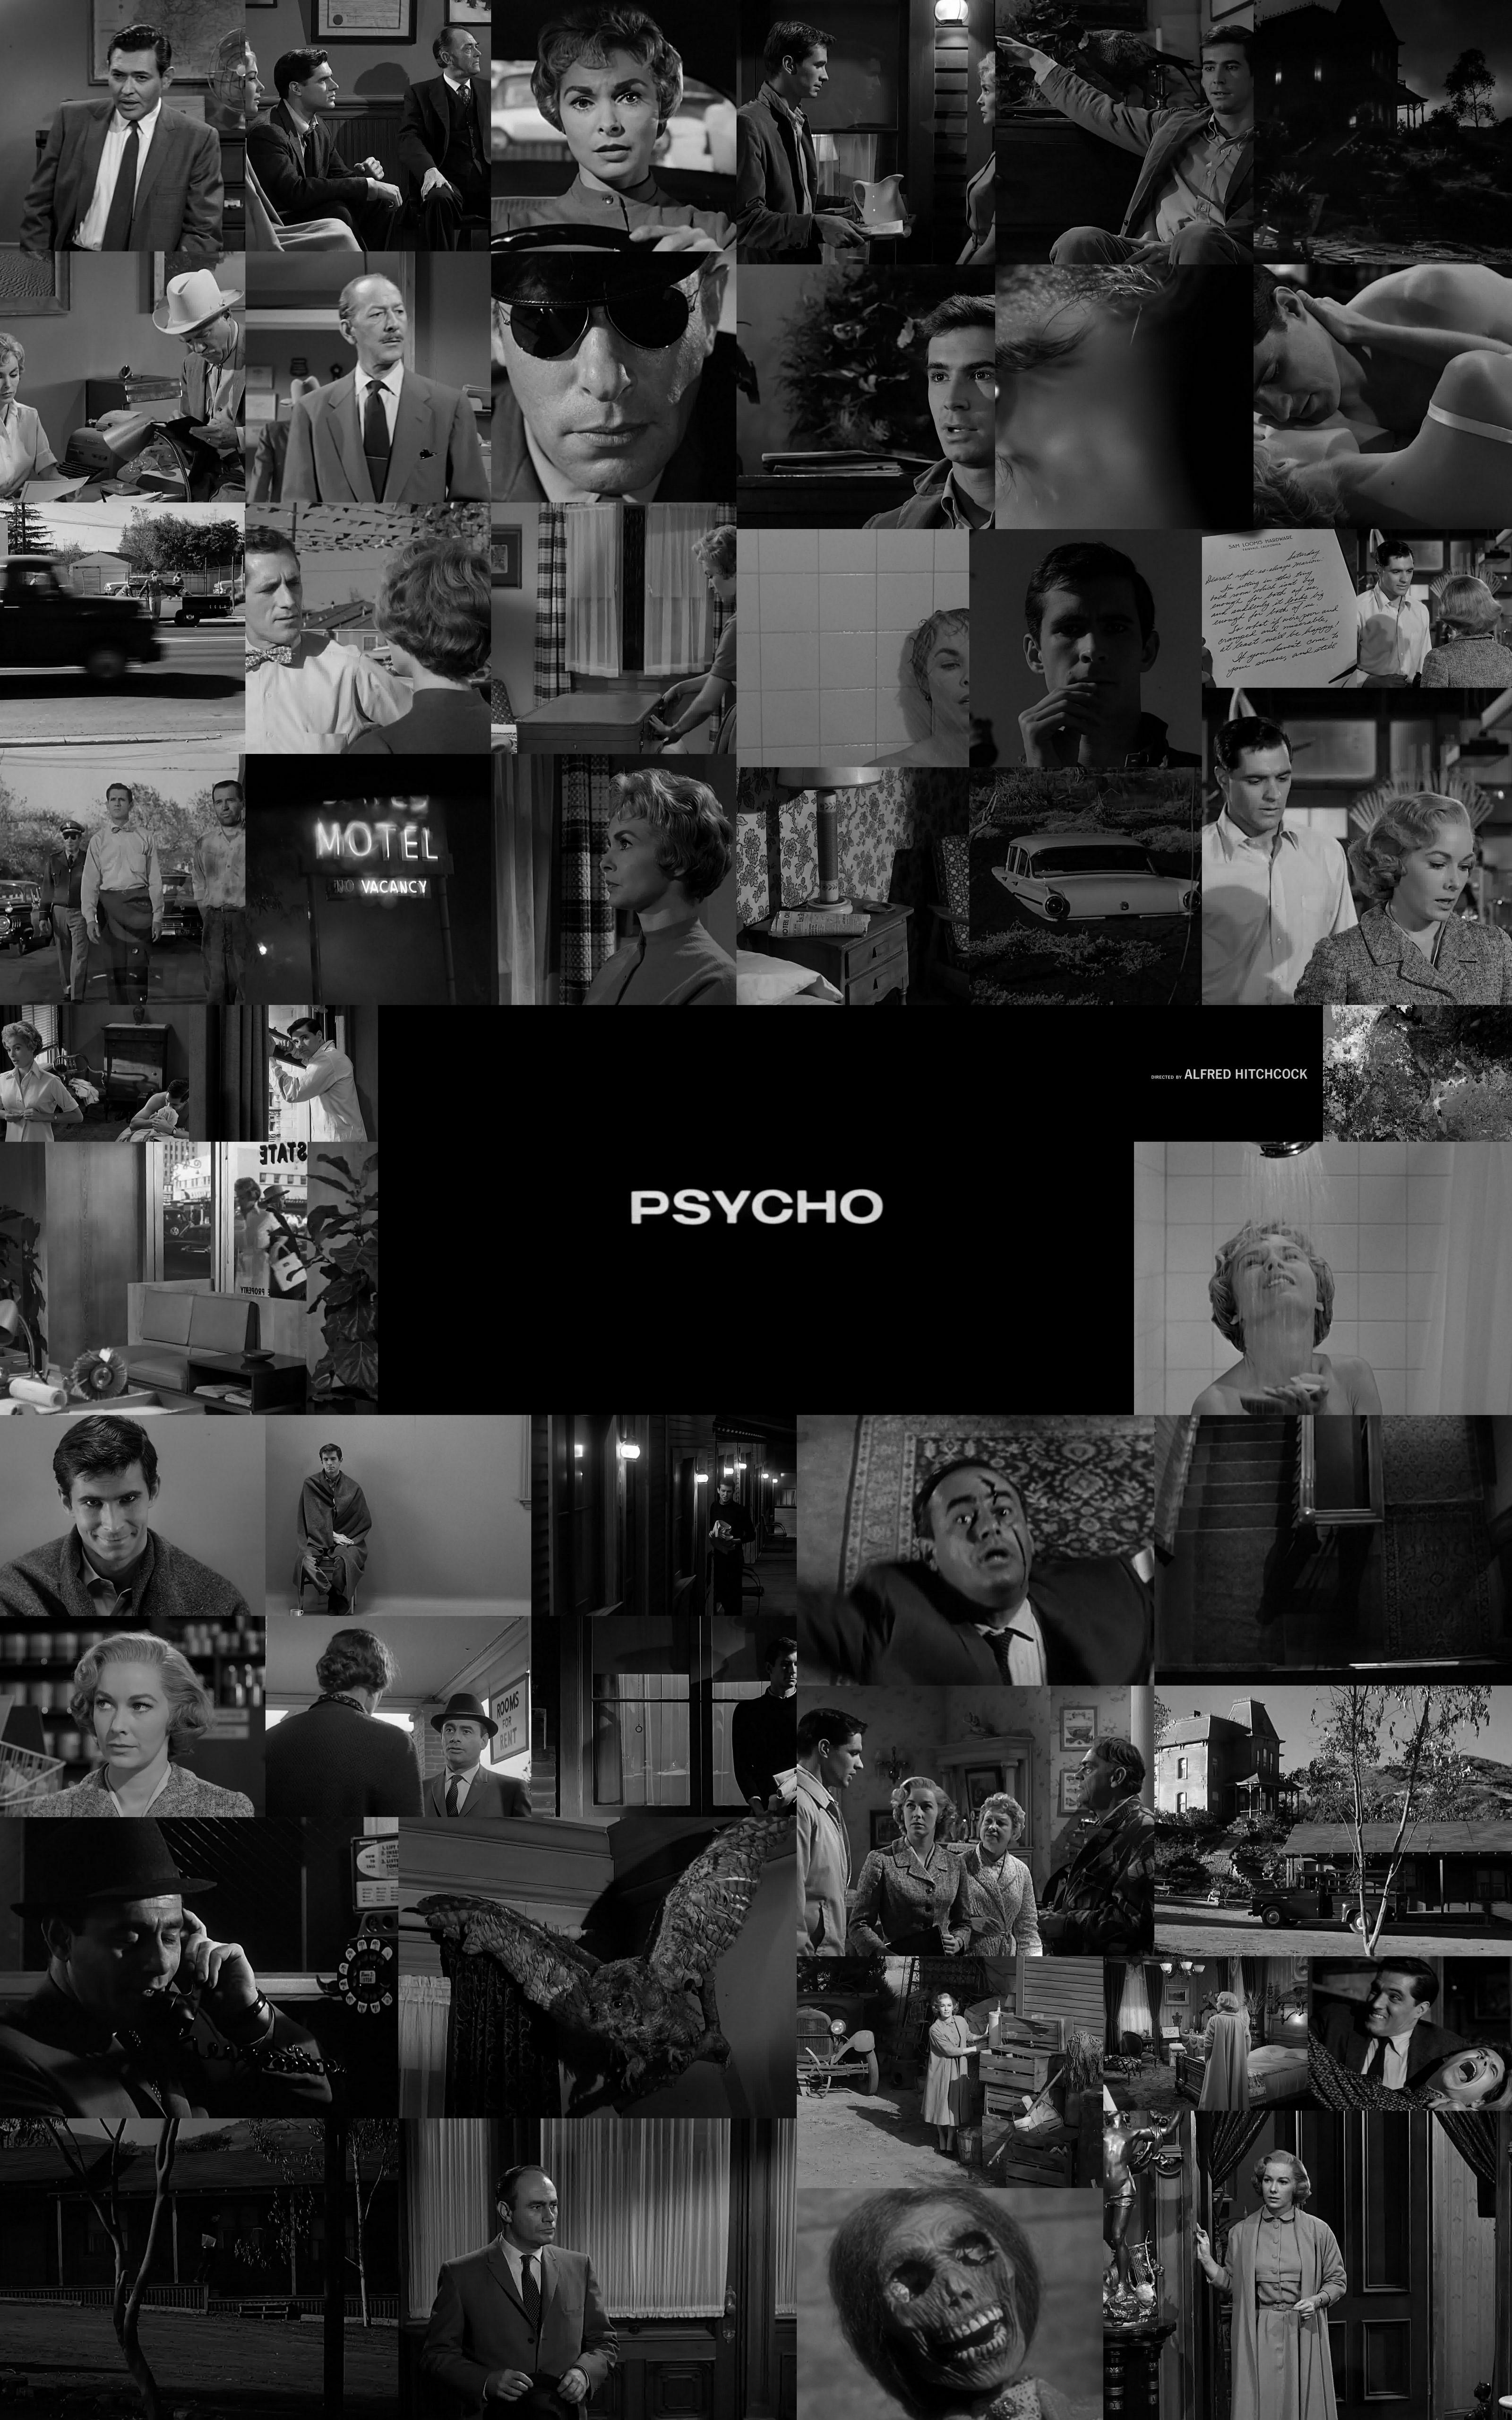 Psycho/Bates Motel (The Movie) on Pinterest   Anthony ...